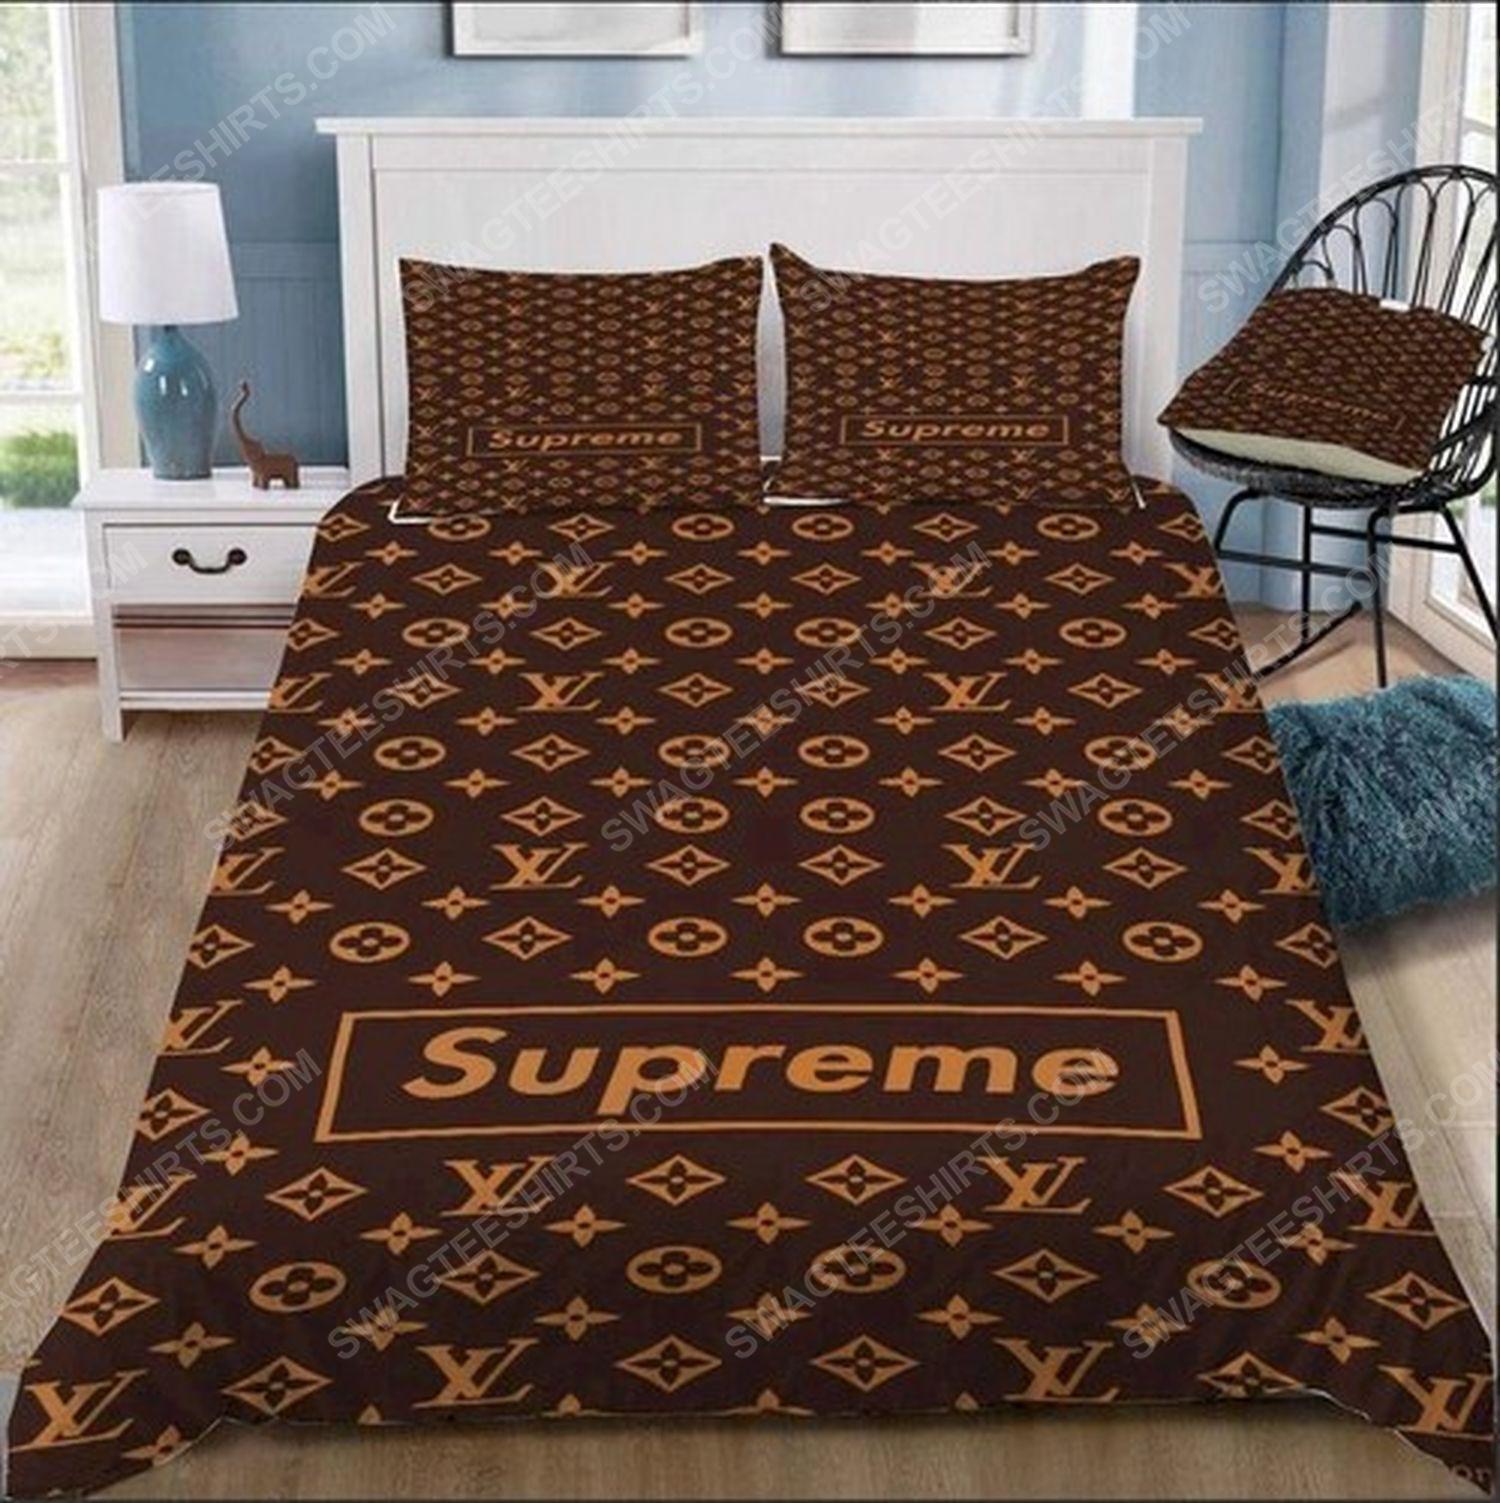 Lv monogram symbols full print duvet cover bedding set 3